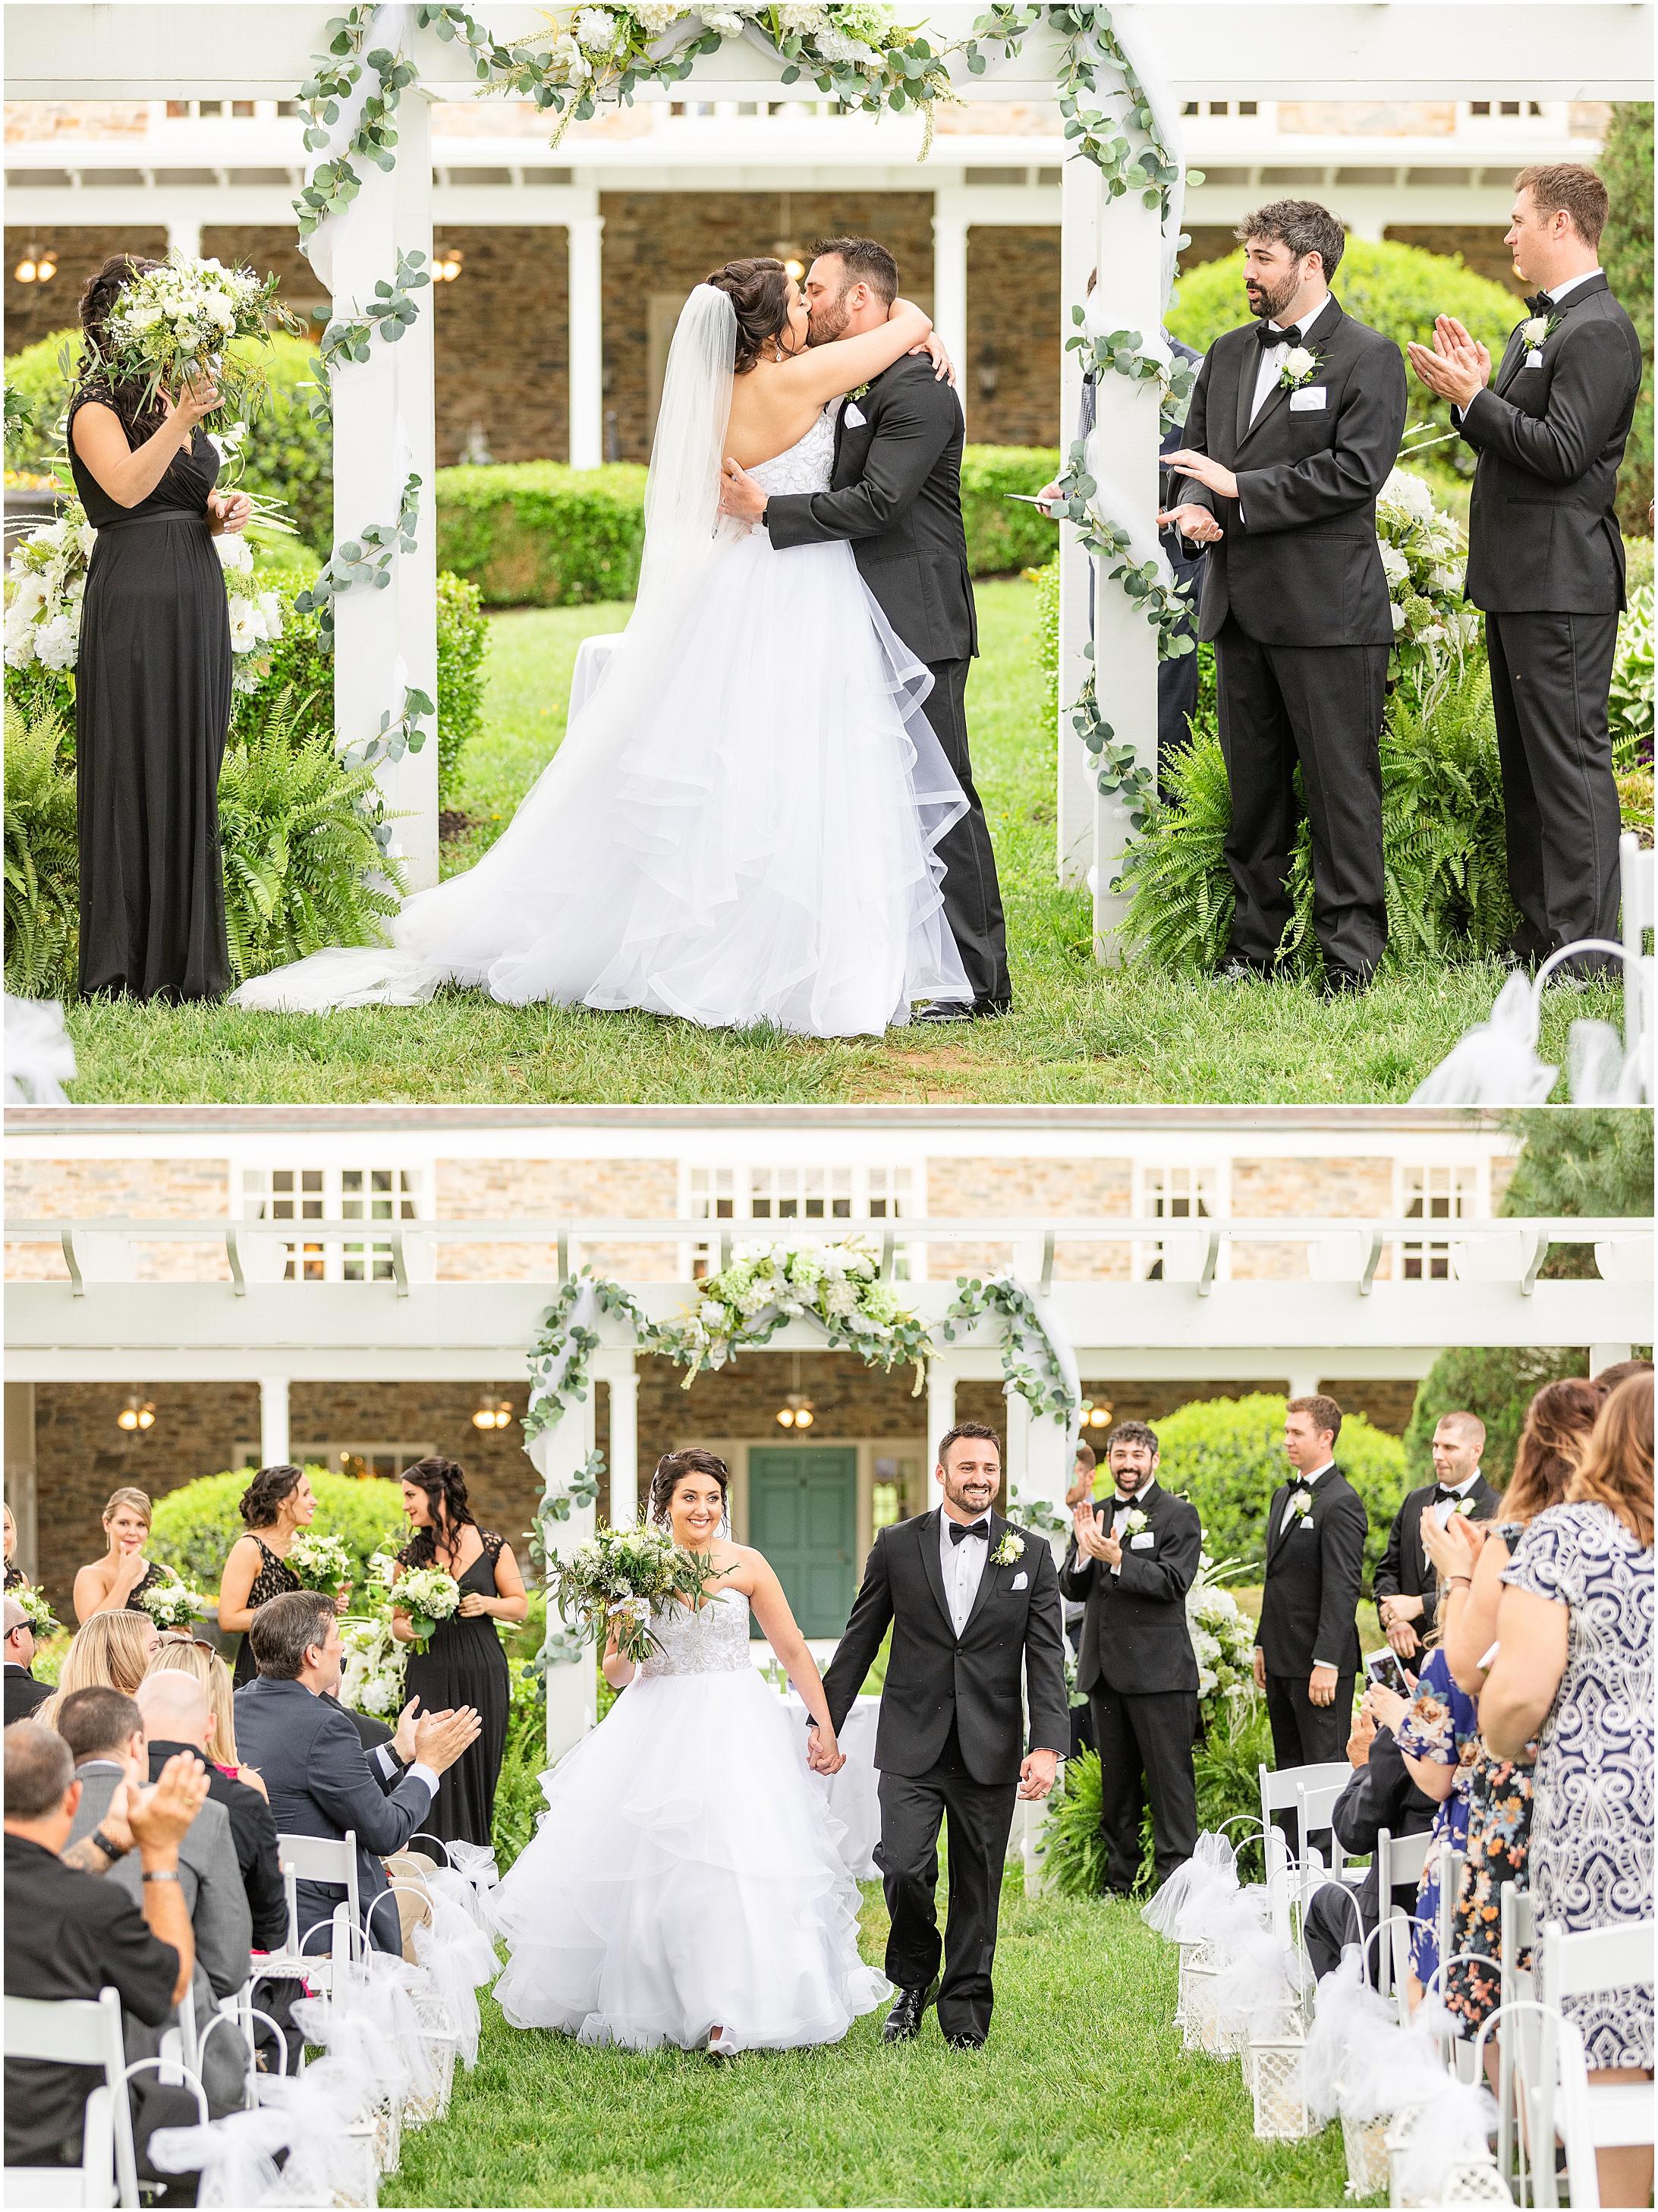 Stone-manor-country-club-wedding-photos-154.jpg